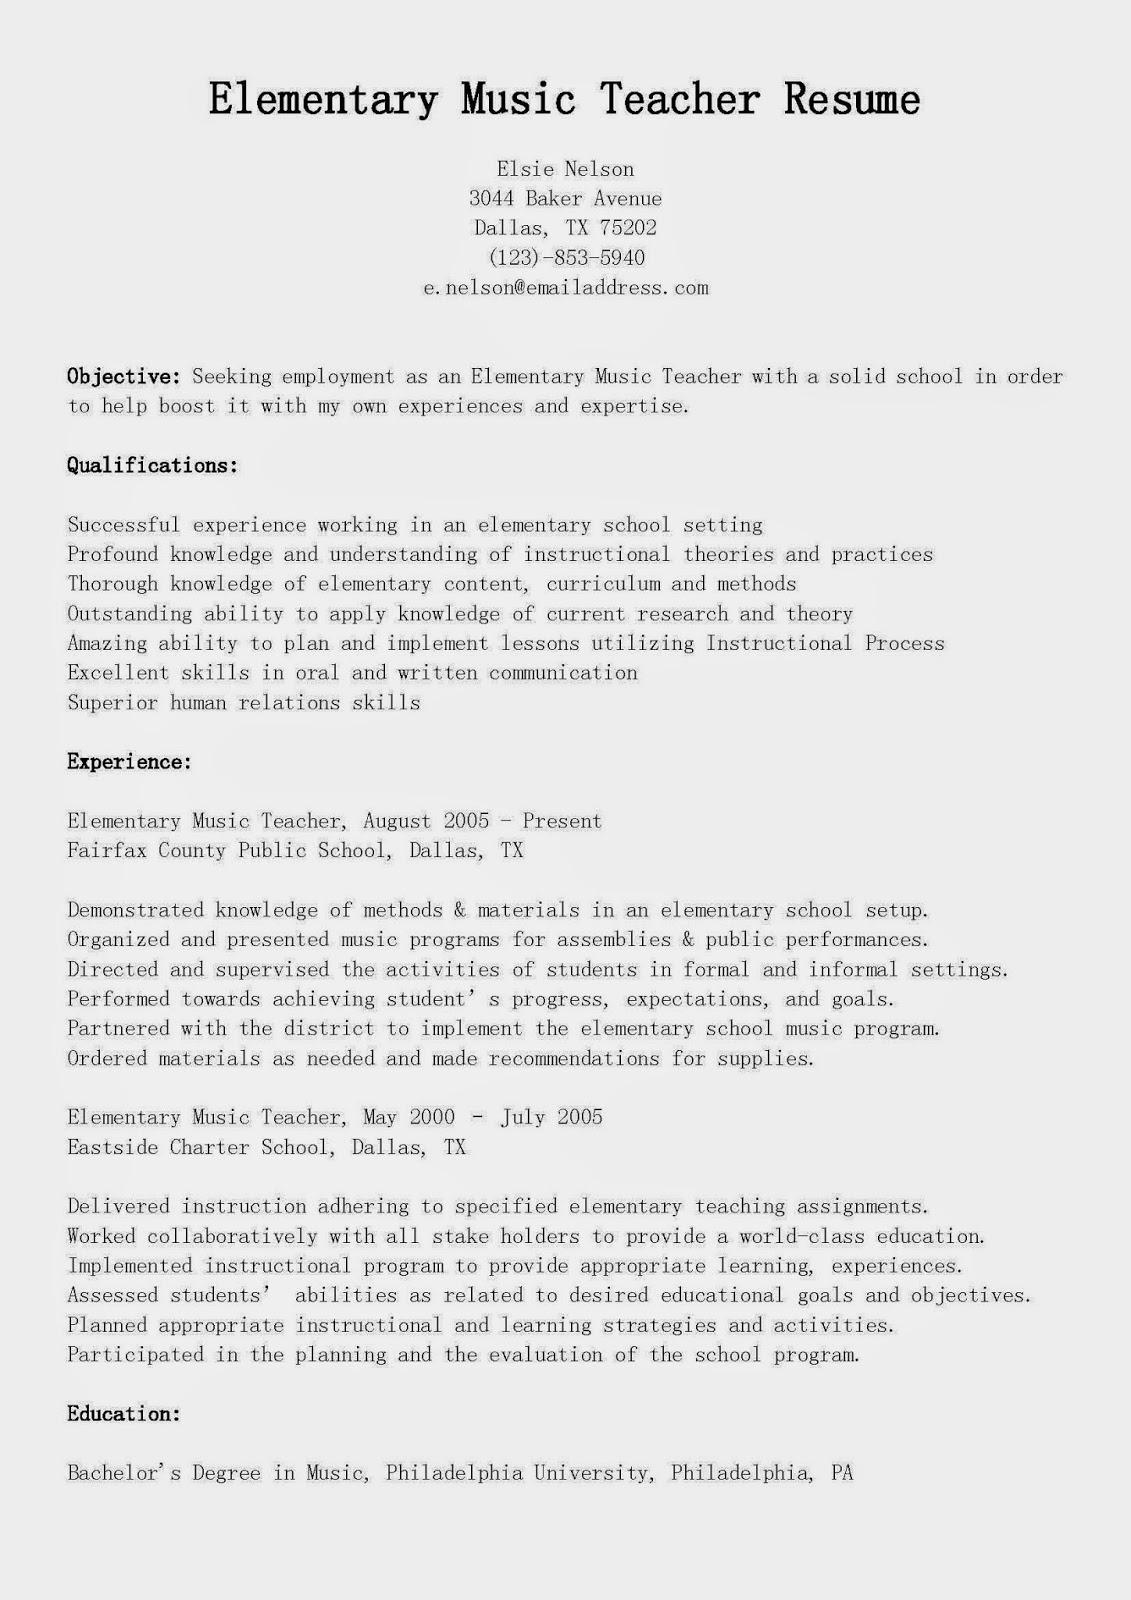 new teacher resume no experience  sample resume elementary    elementarymusicteacherresume sample resume for summer training for engineering students engineering student resume sample elementary music teacher resume